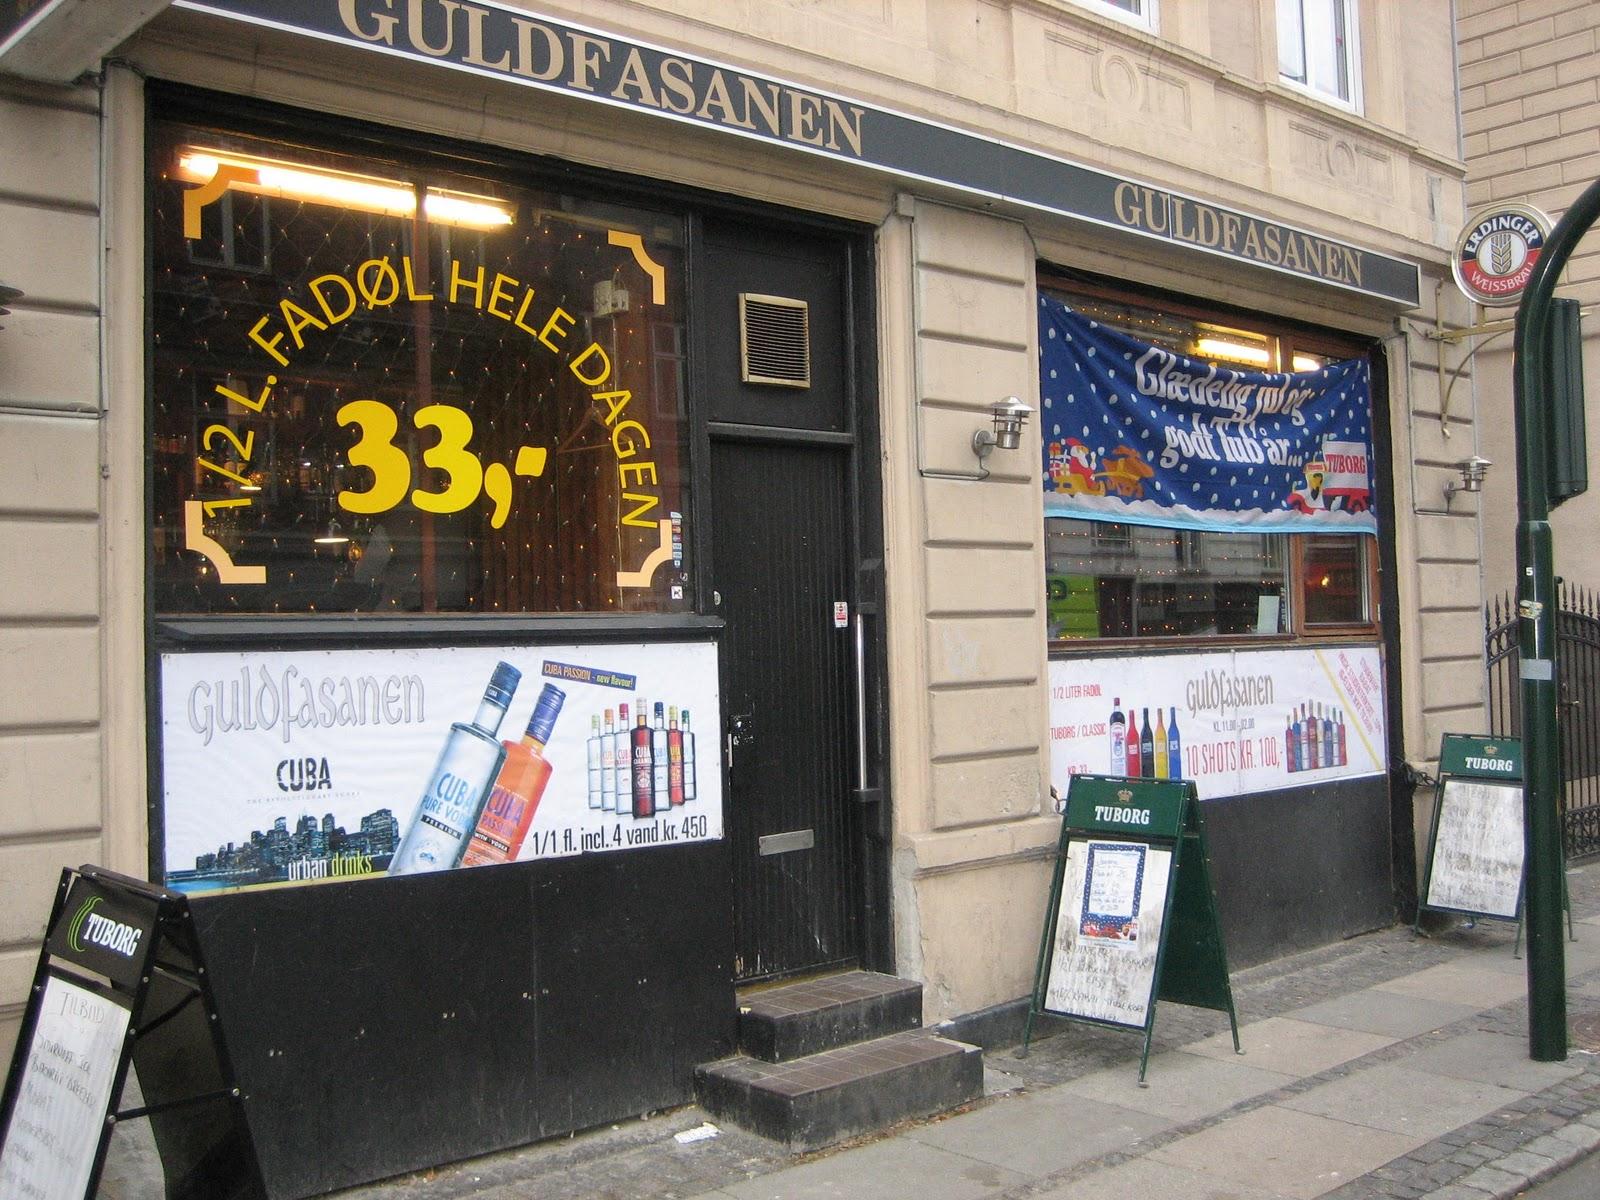 billig öl i köpenhamn